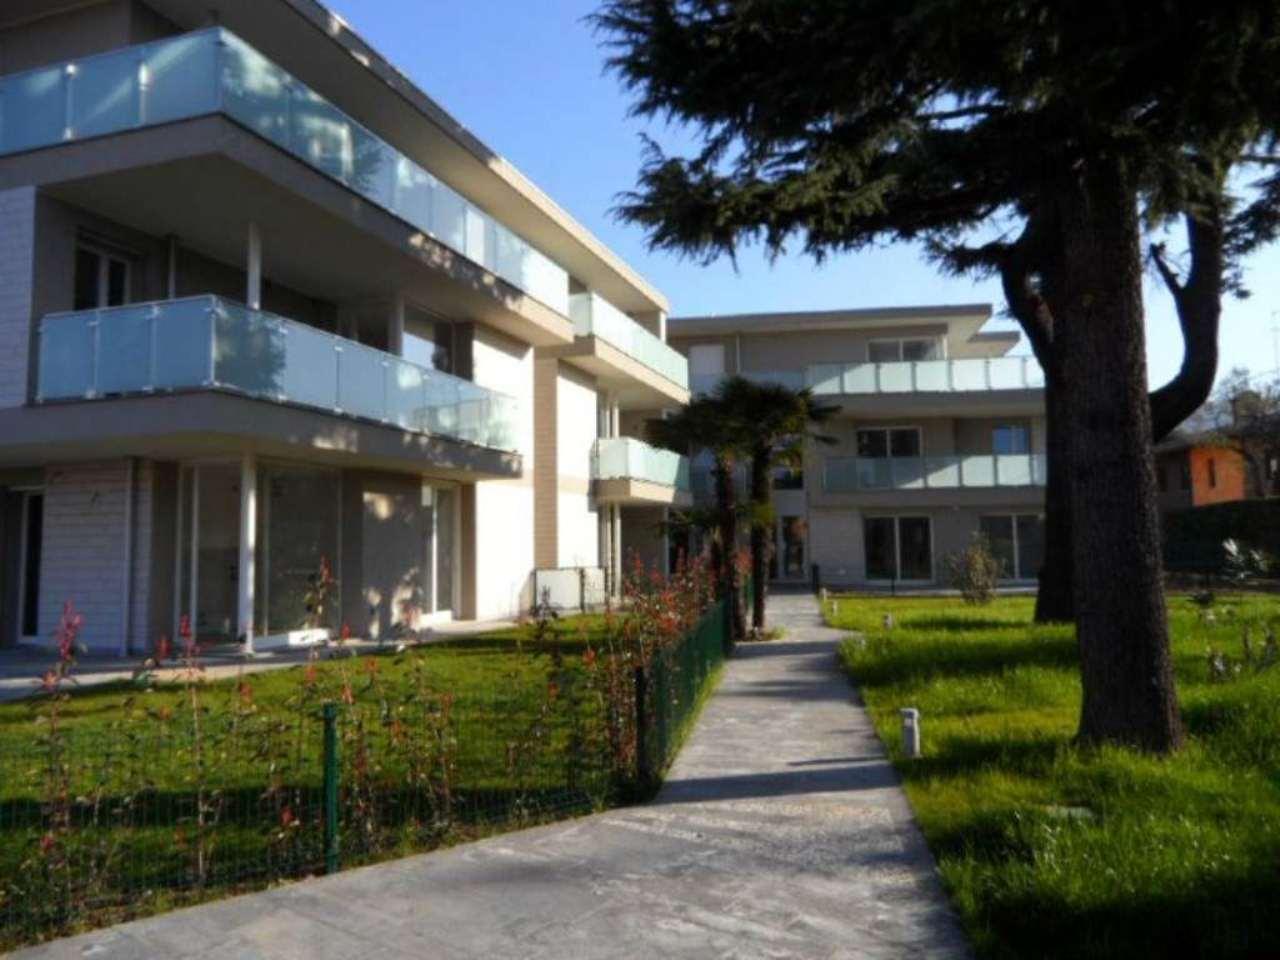 Appartamento in vendita a Villa di Serio, 3 locali, prezzo € 225.000 | CambioCasa.it